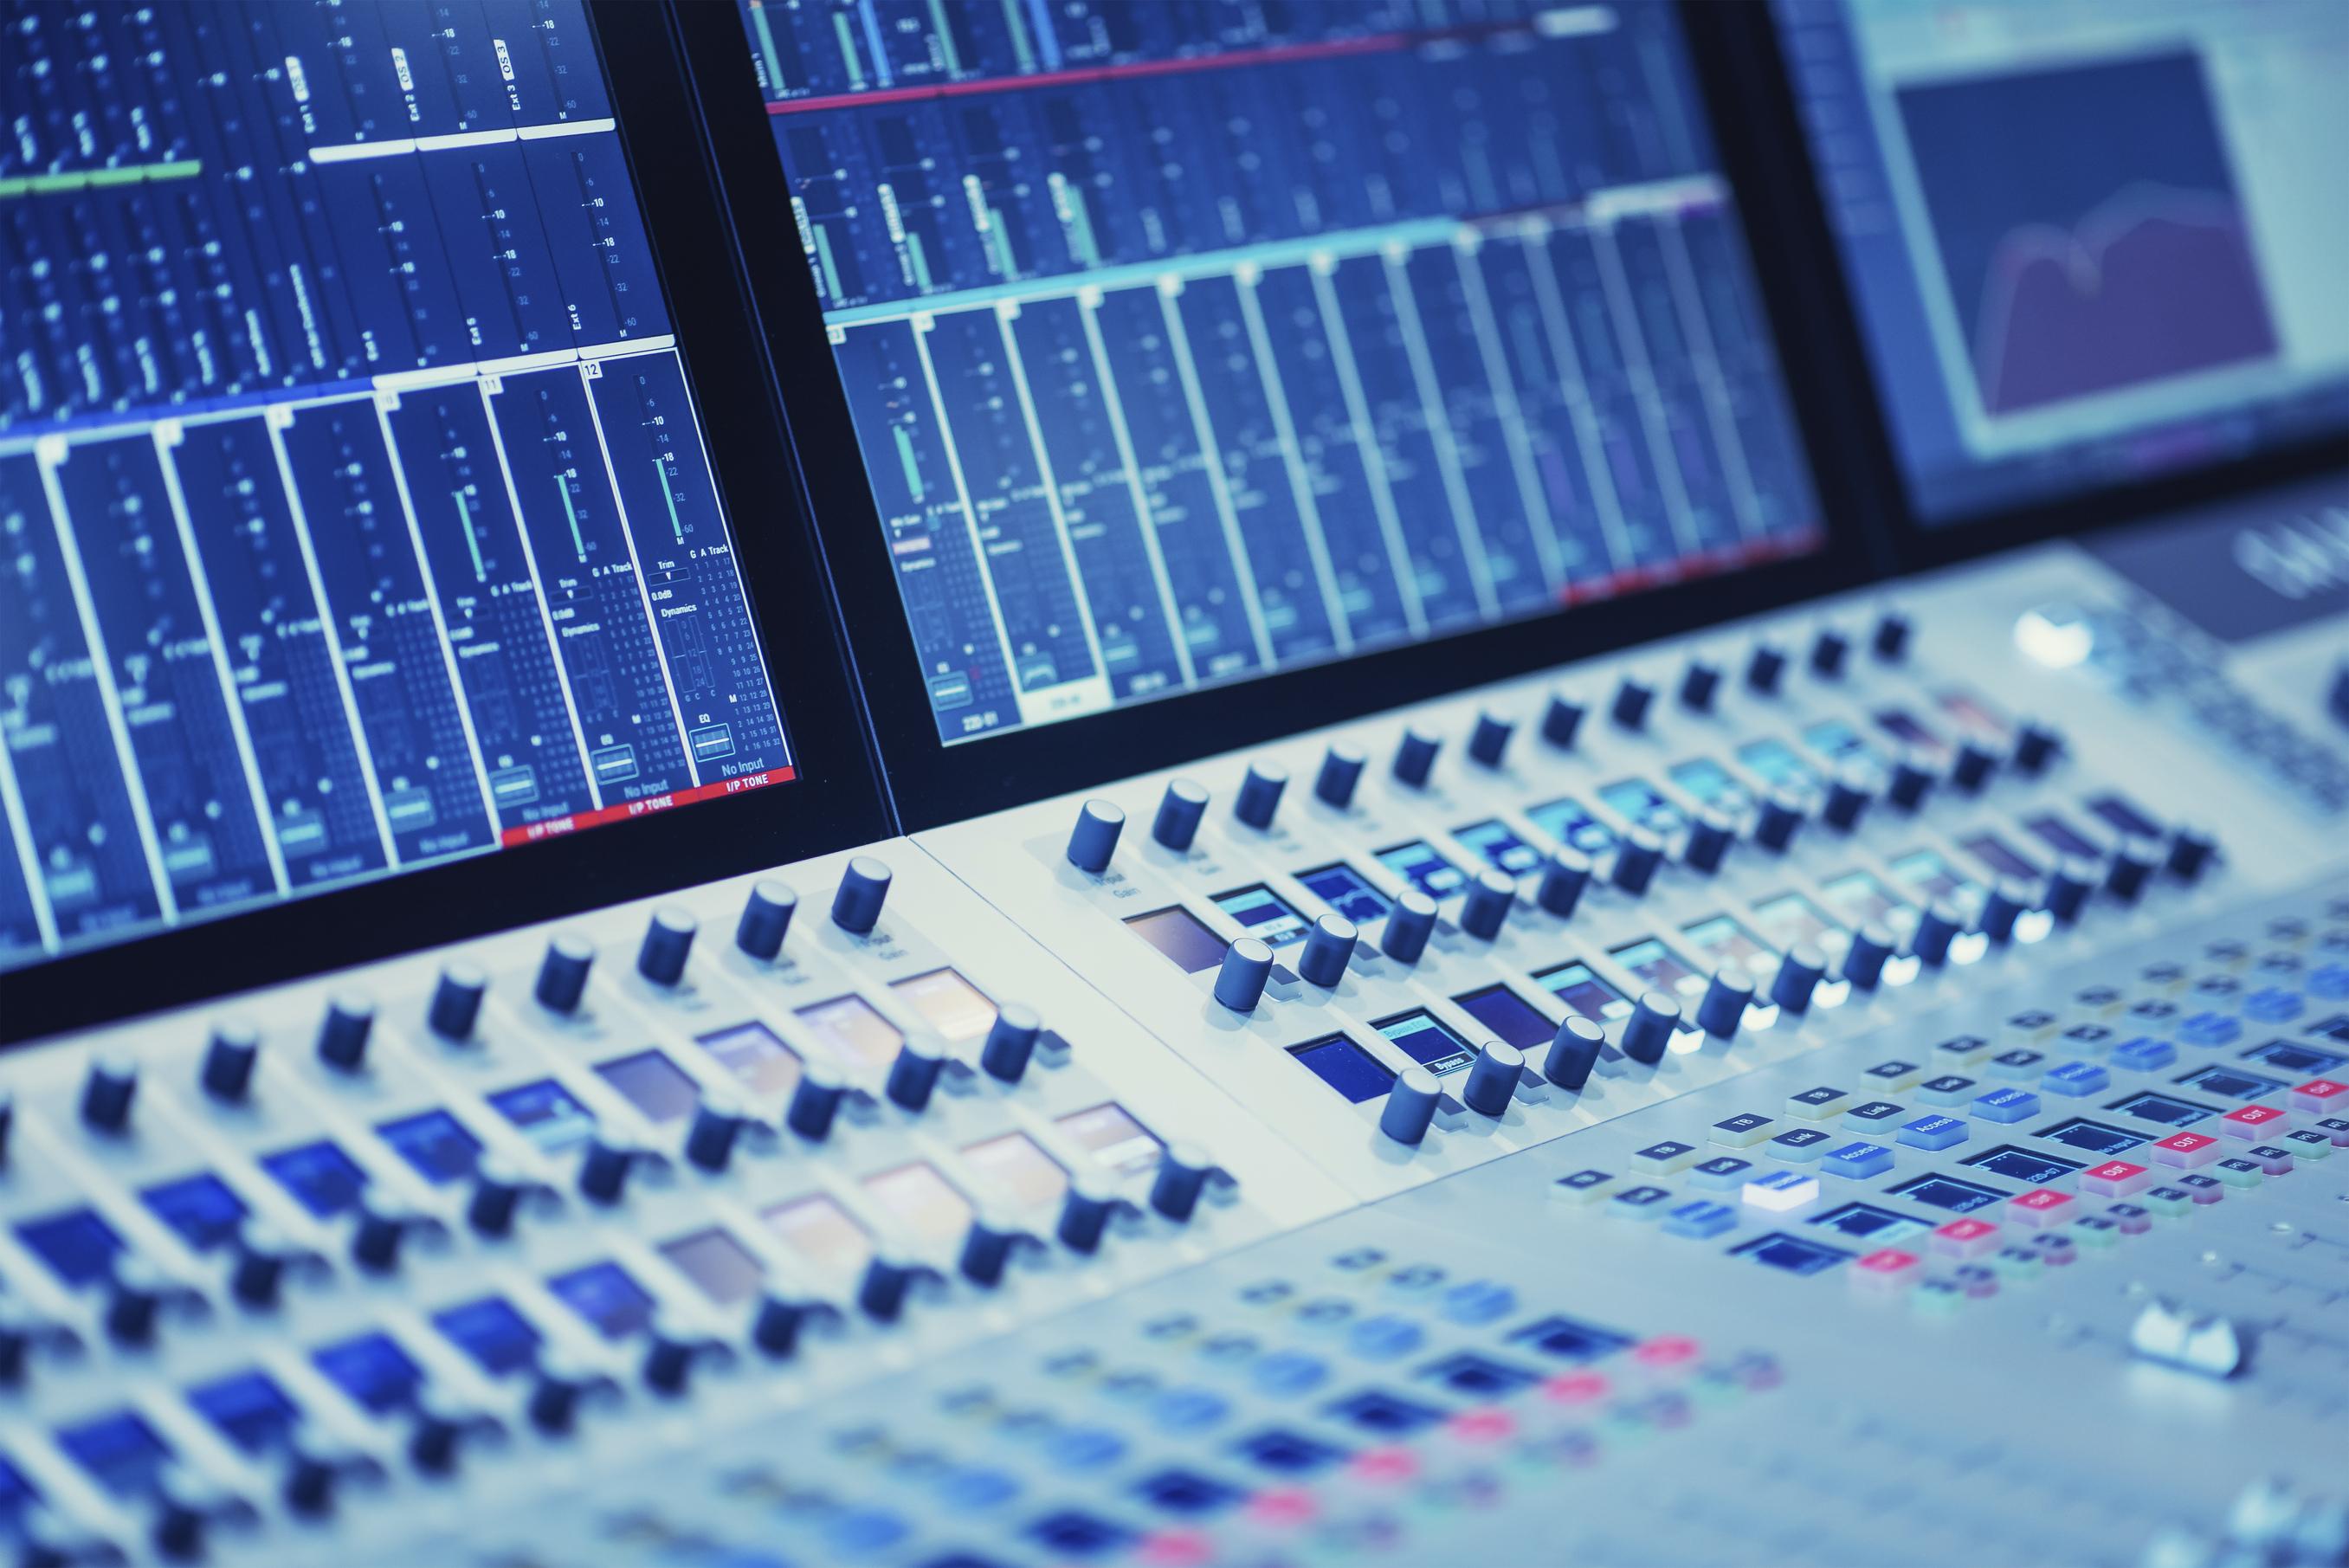 mixer-audio